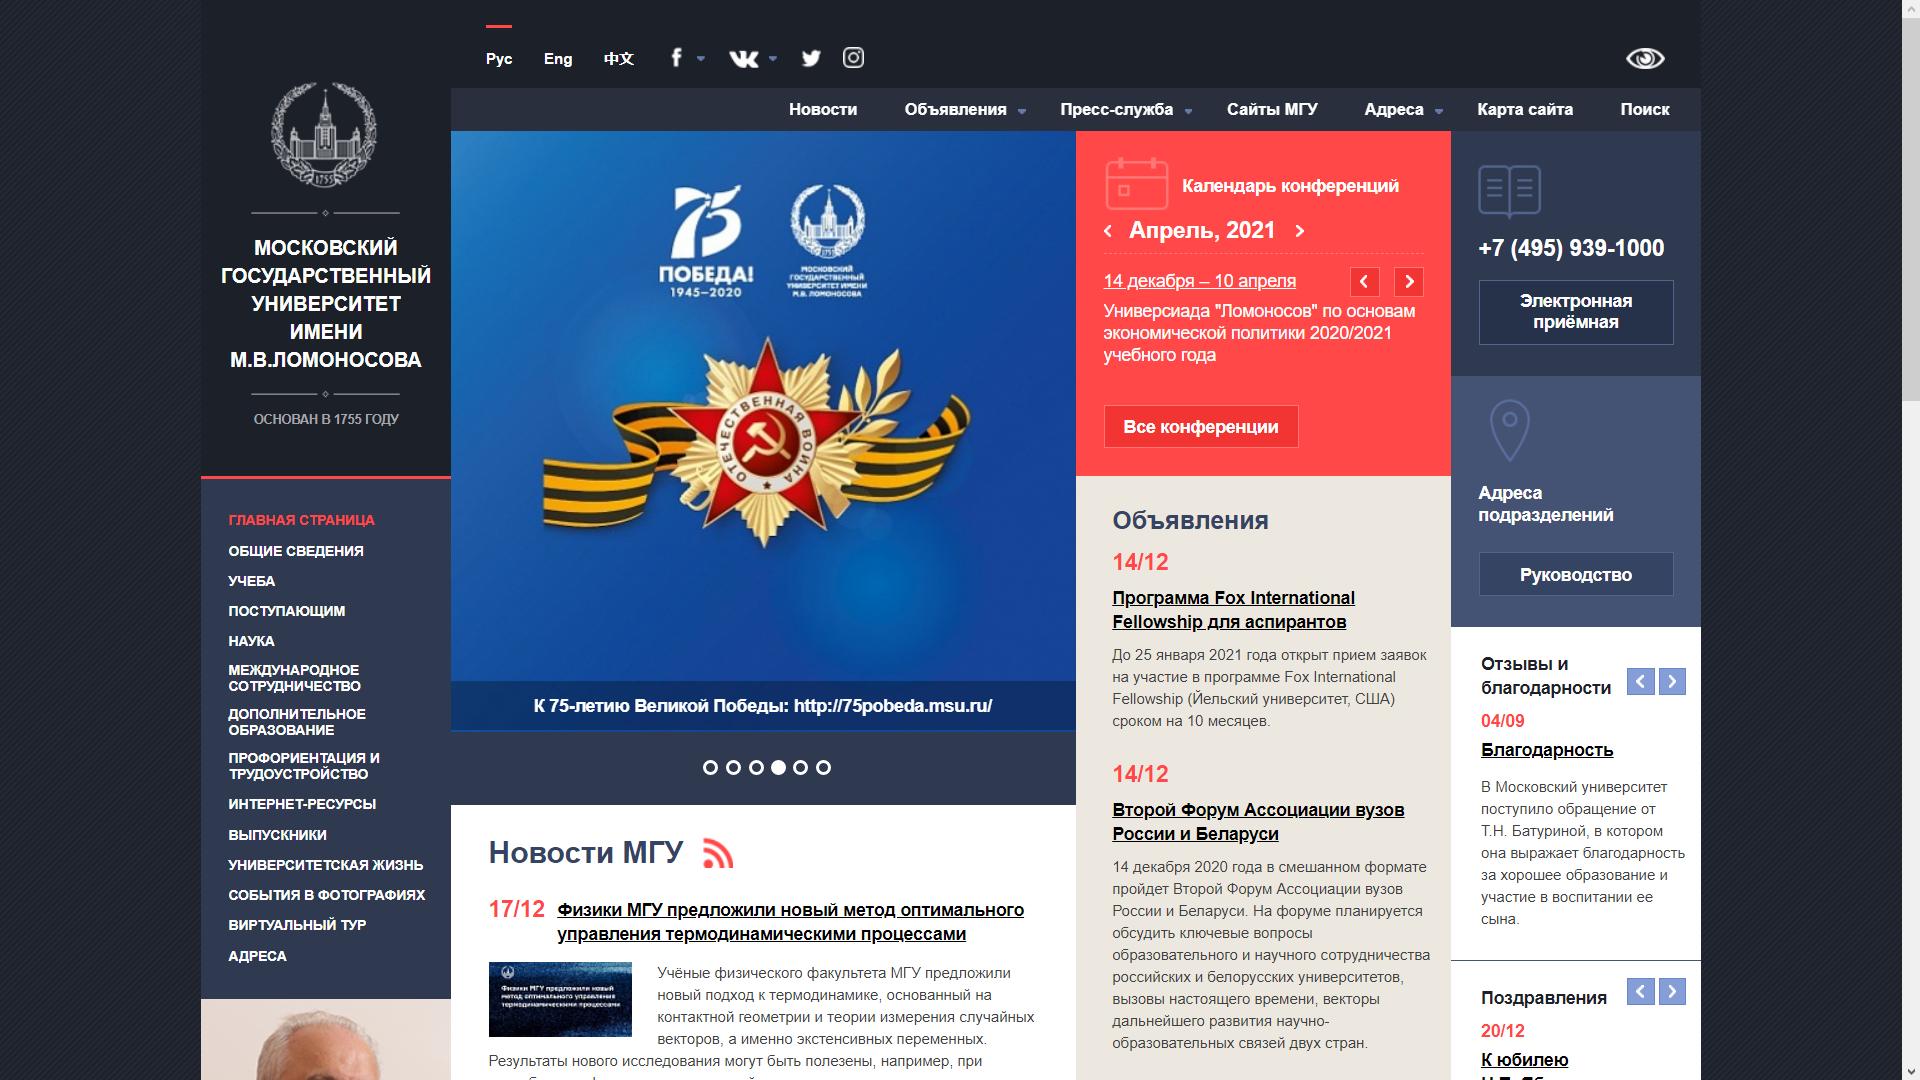 Главная страница МГУ им. Ломоносова